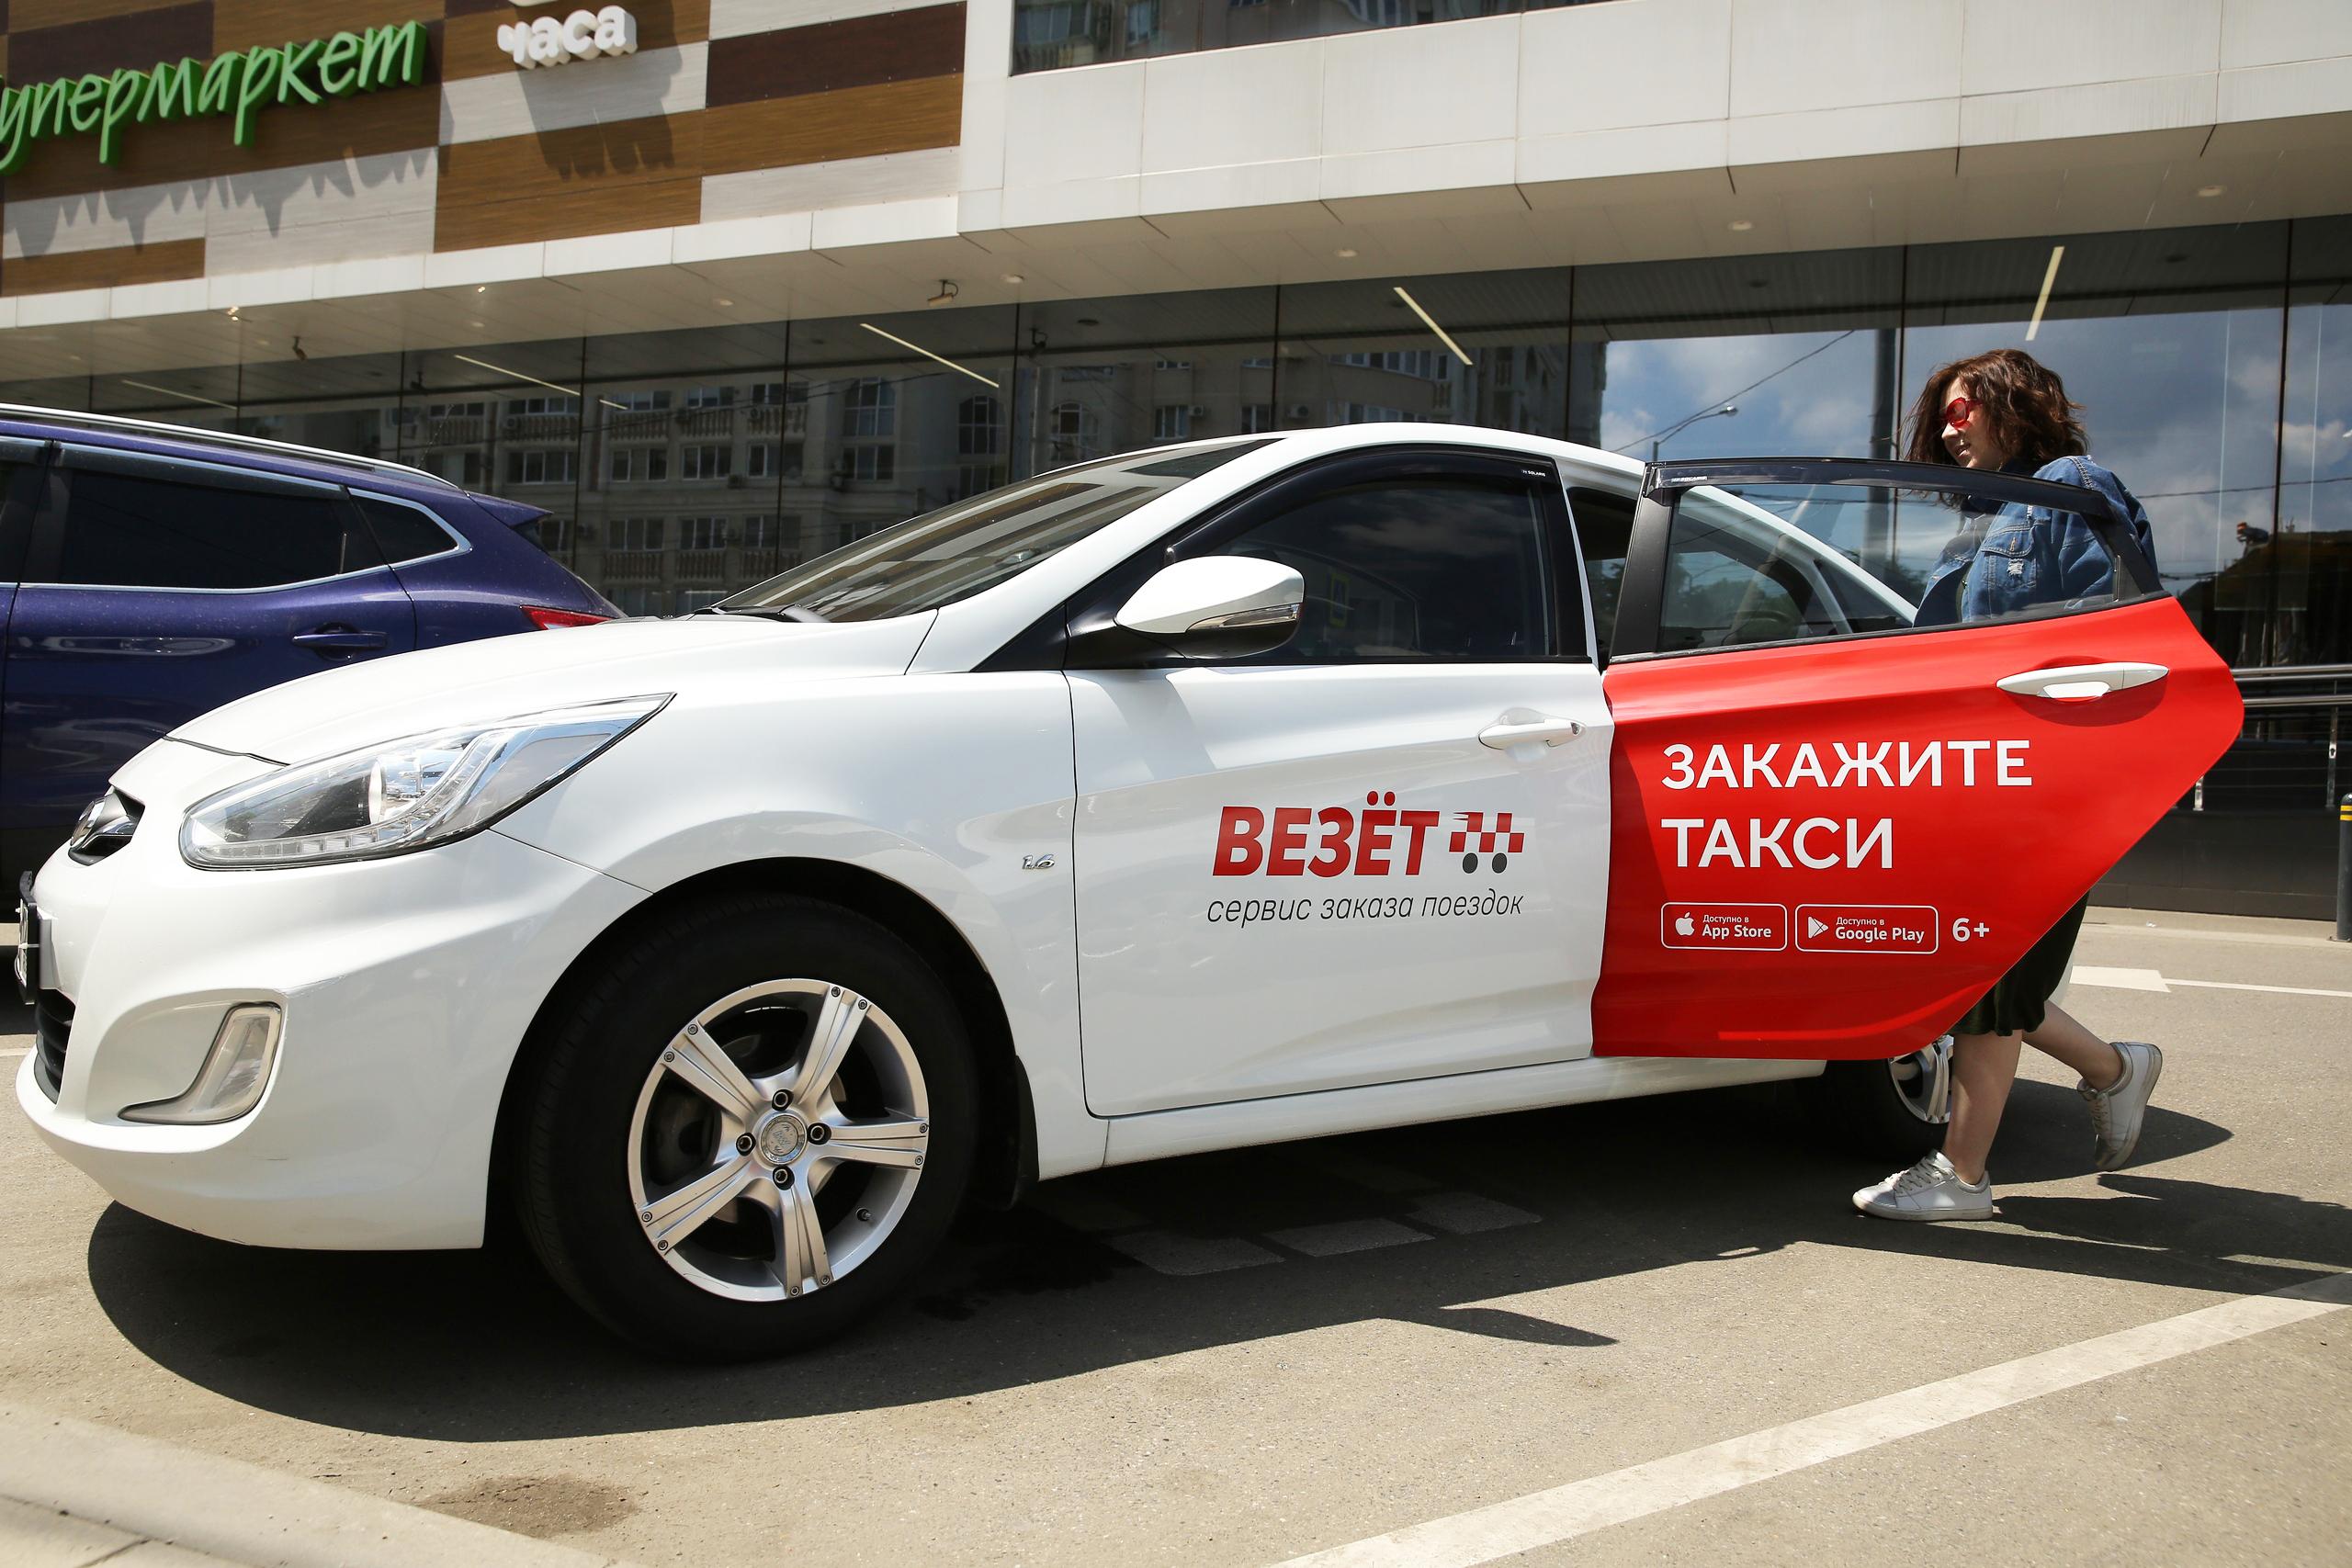 ФАС отклонила запрос «Яндекса» о покупке агрегатора такси «Везет»